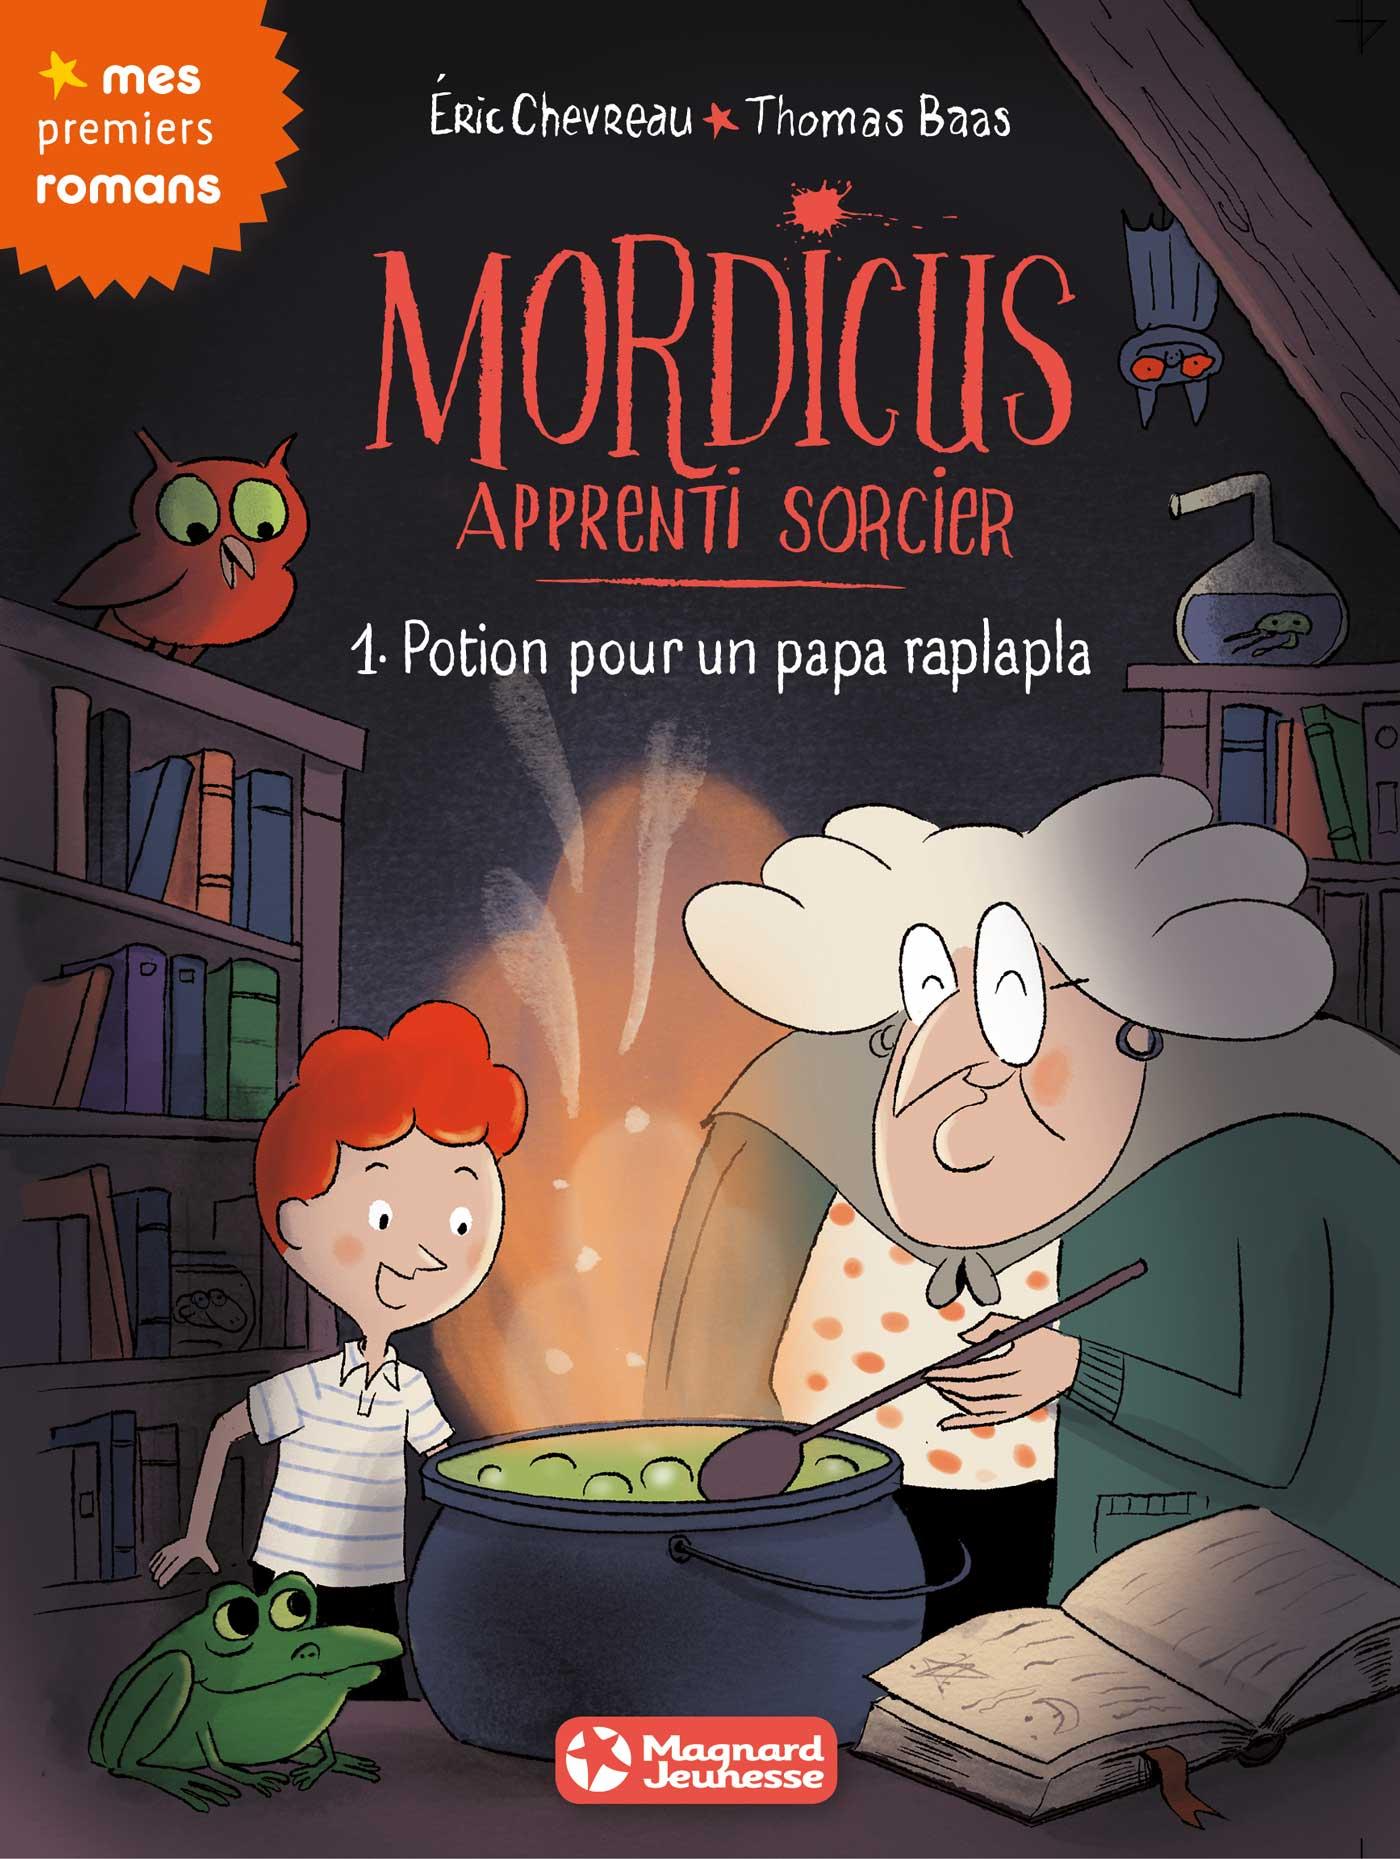 Mordicus, apprenti sorcier – tome 1 : potion pour papa raplapla